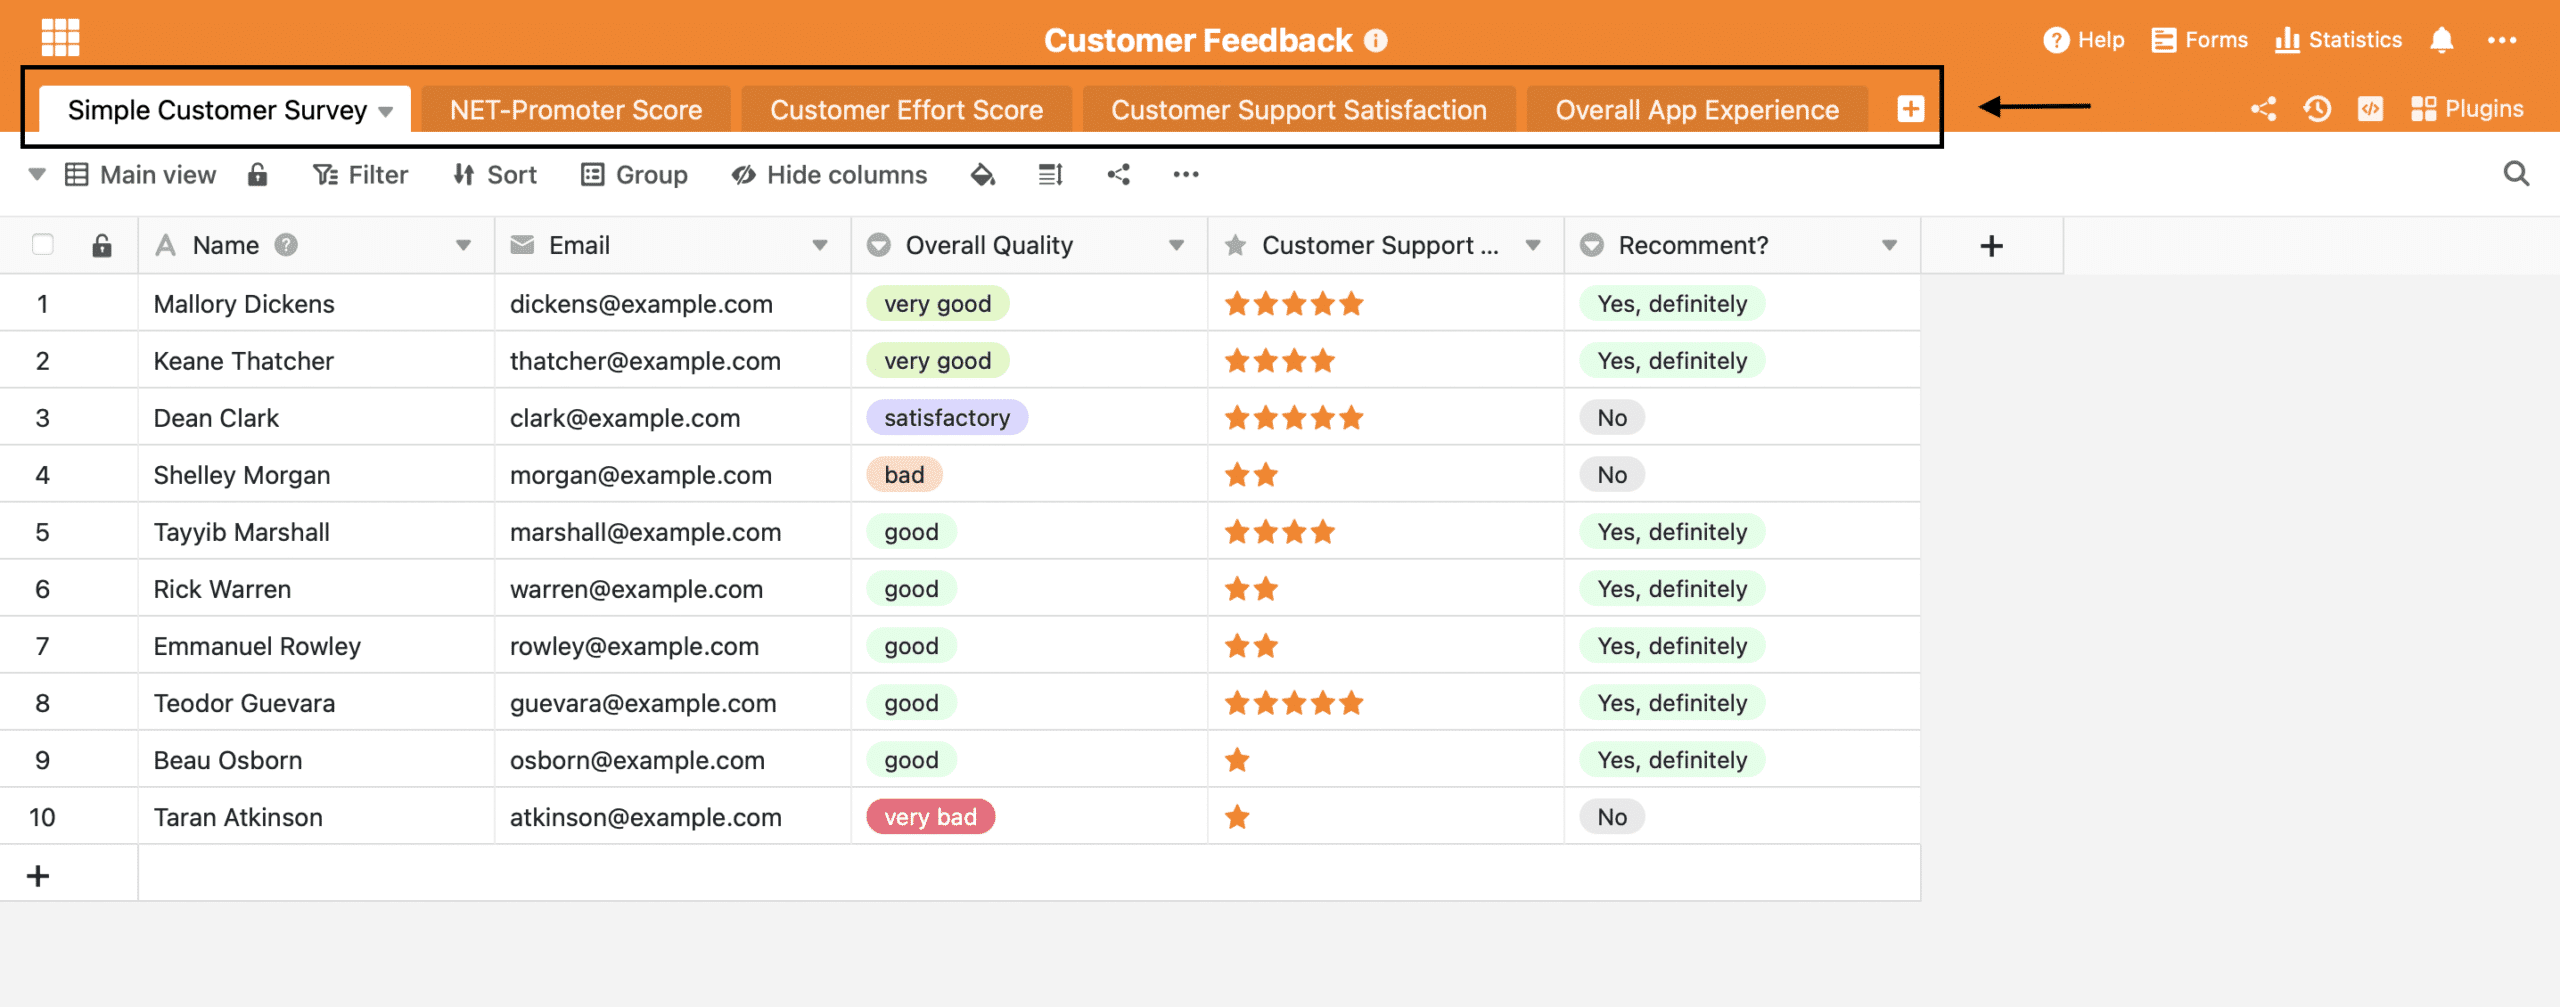 Kundenfeedback Verschiedene Abfragen